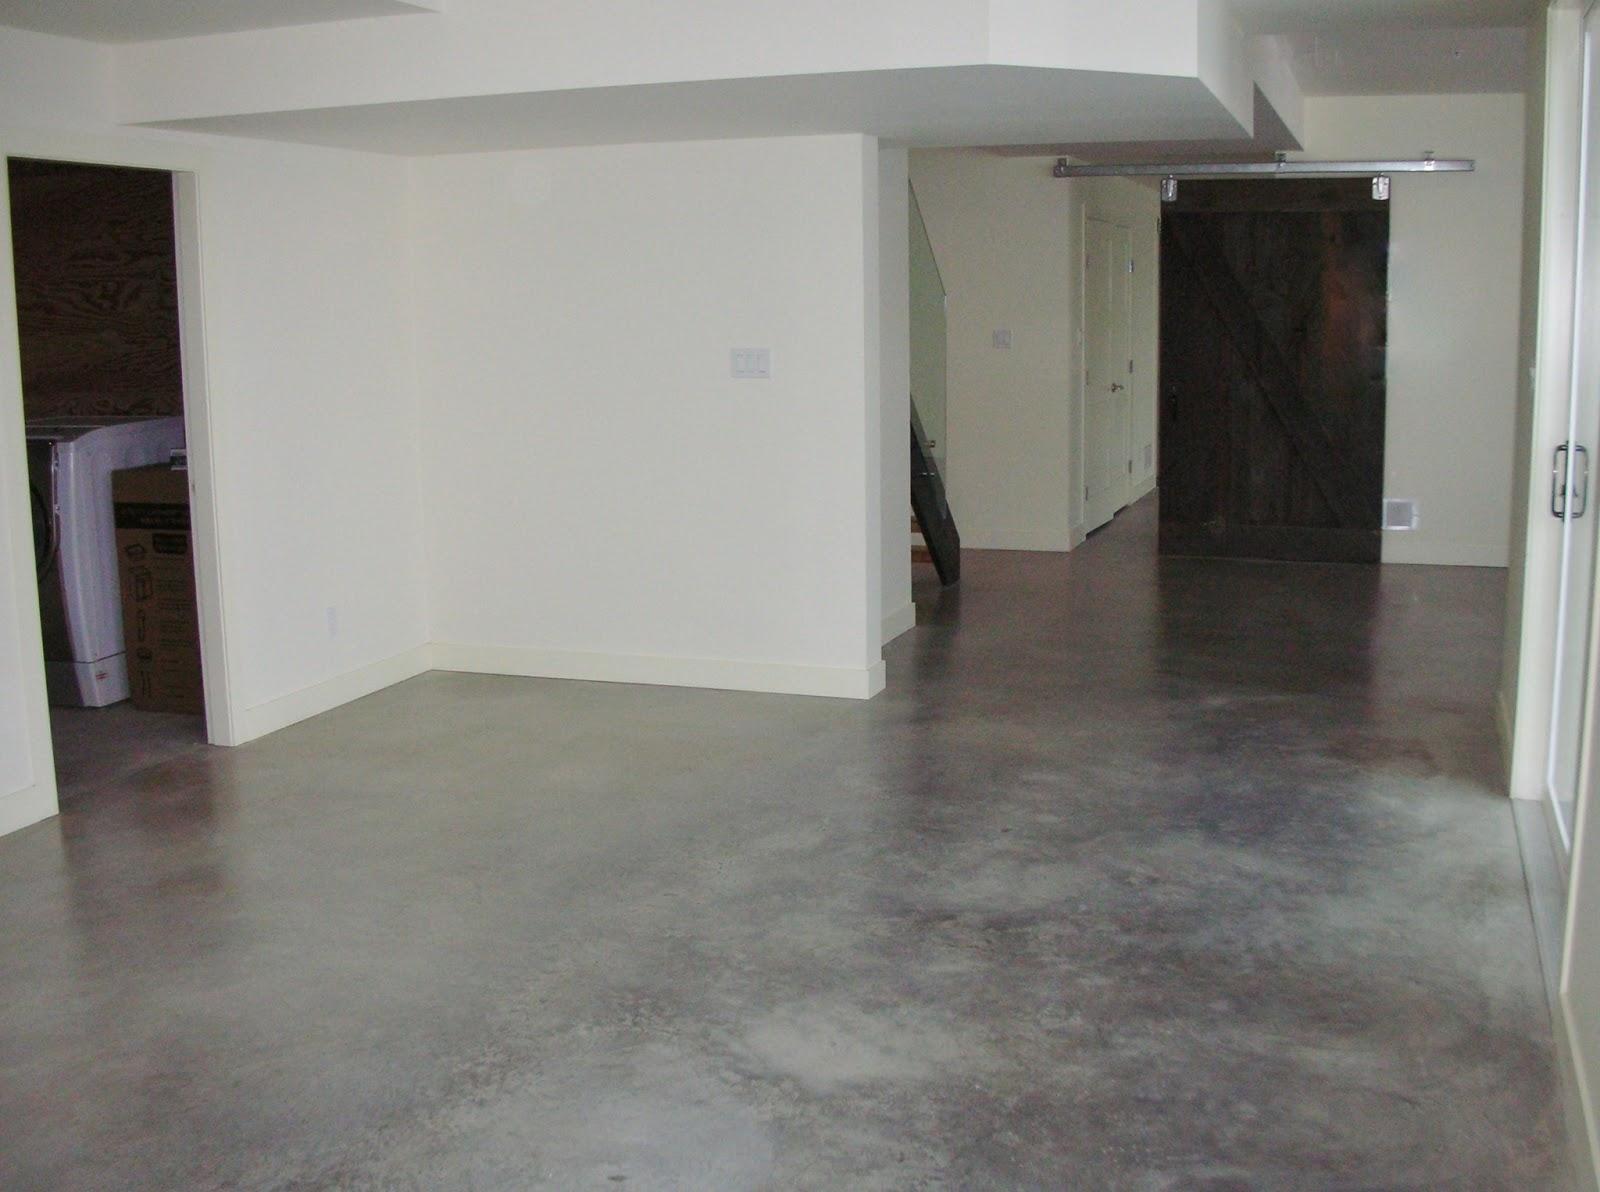 Carpeting A Cement Basement Floor